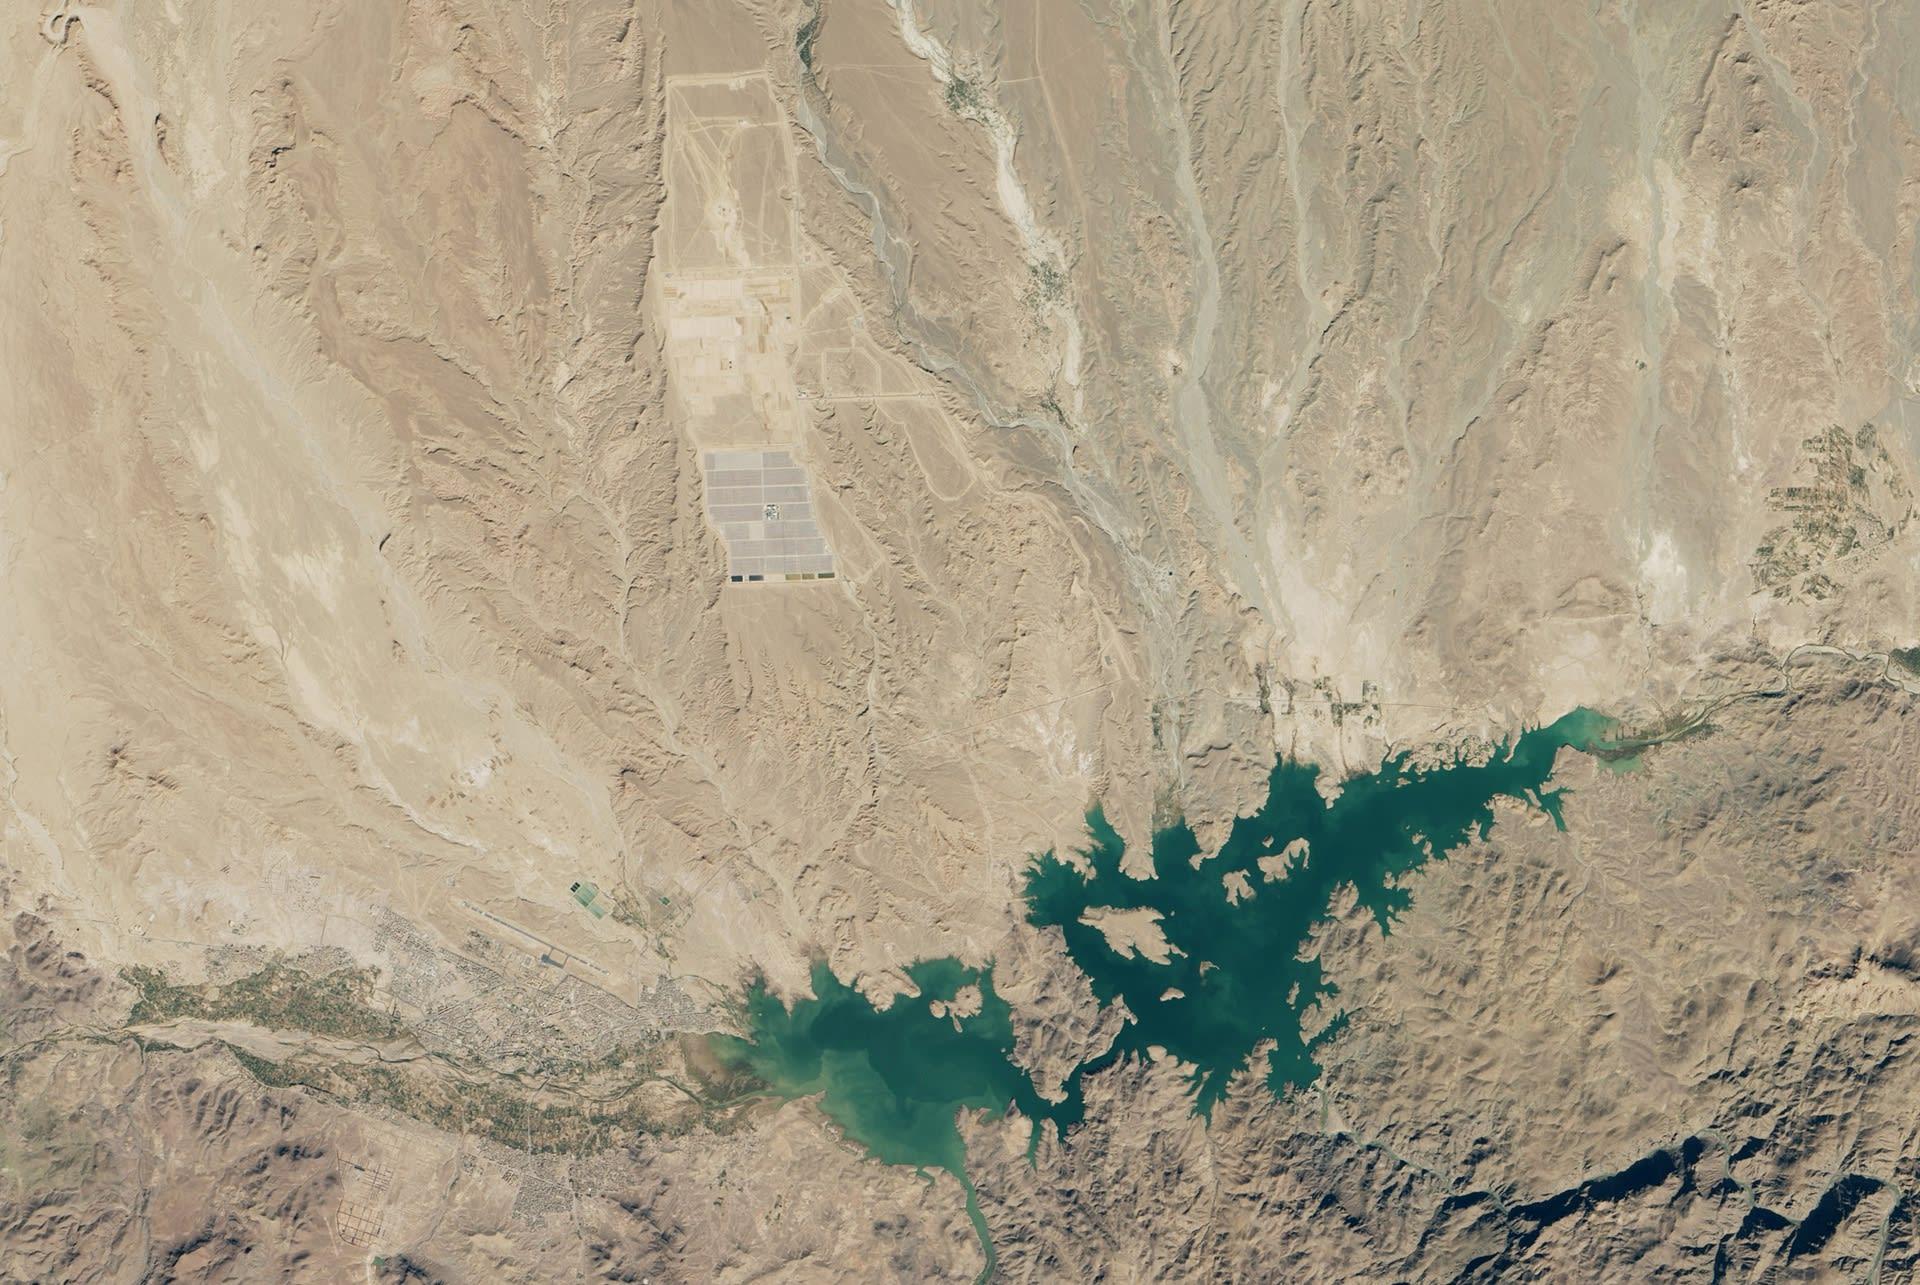 Marokko-solar-160MW_Nasa - Bekapcsolták a világ legnagyobb naperőművét - ClimeNews